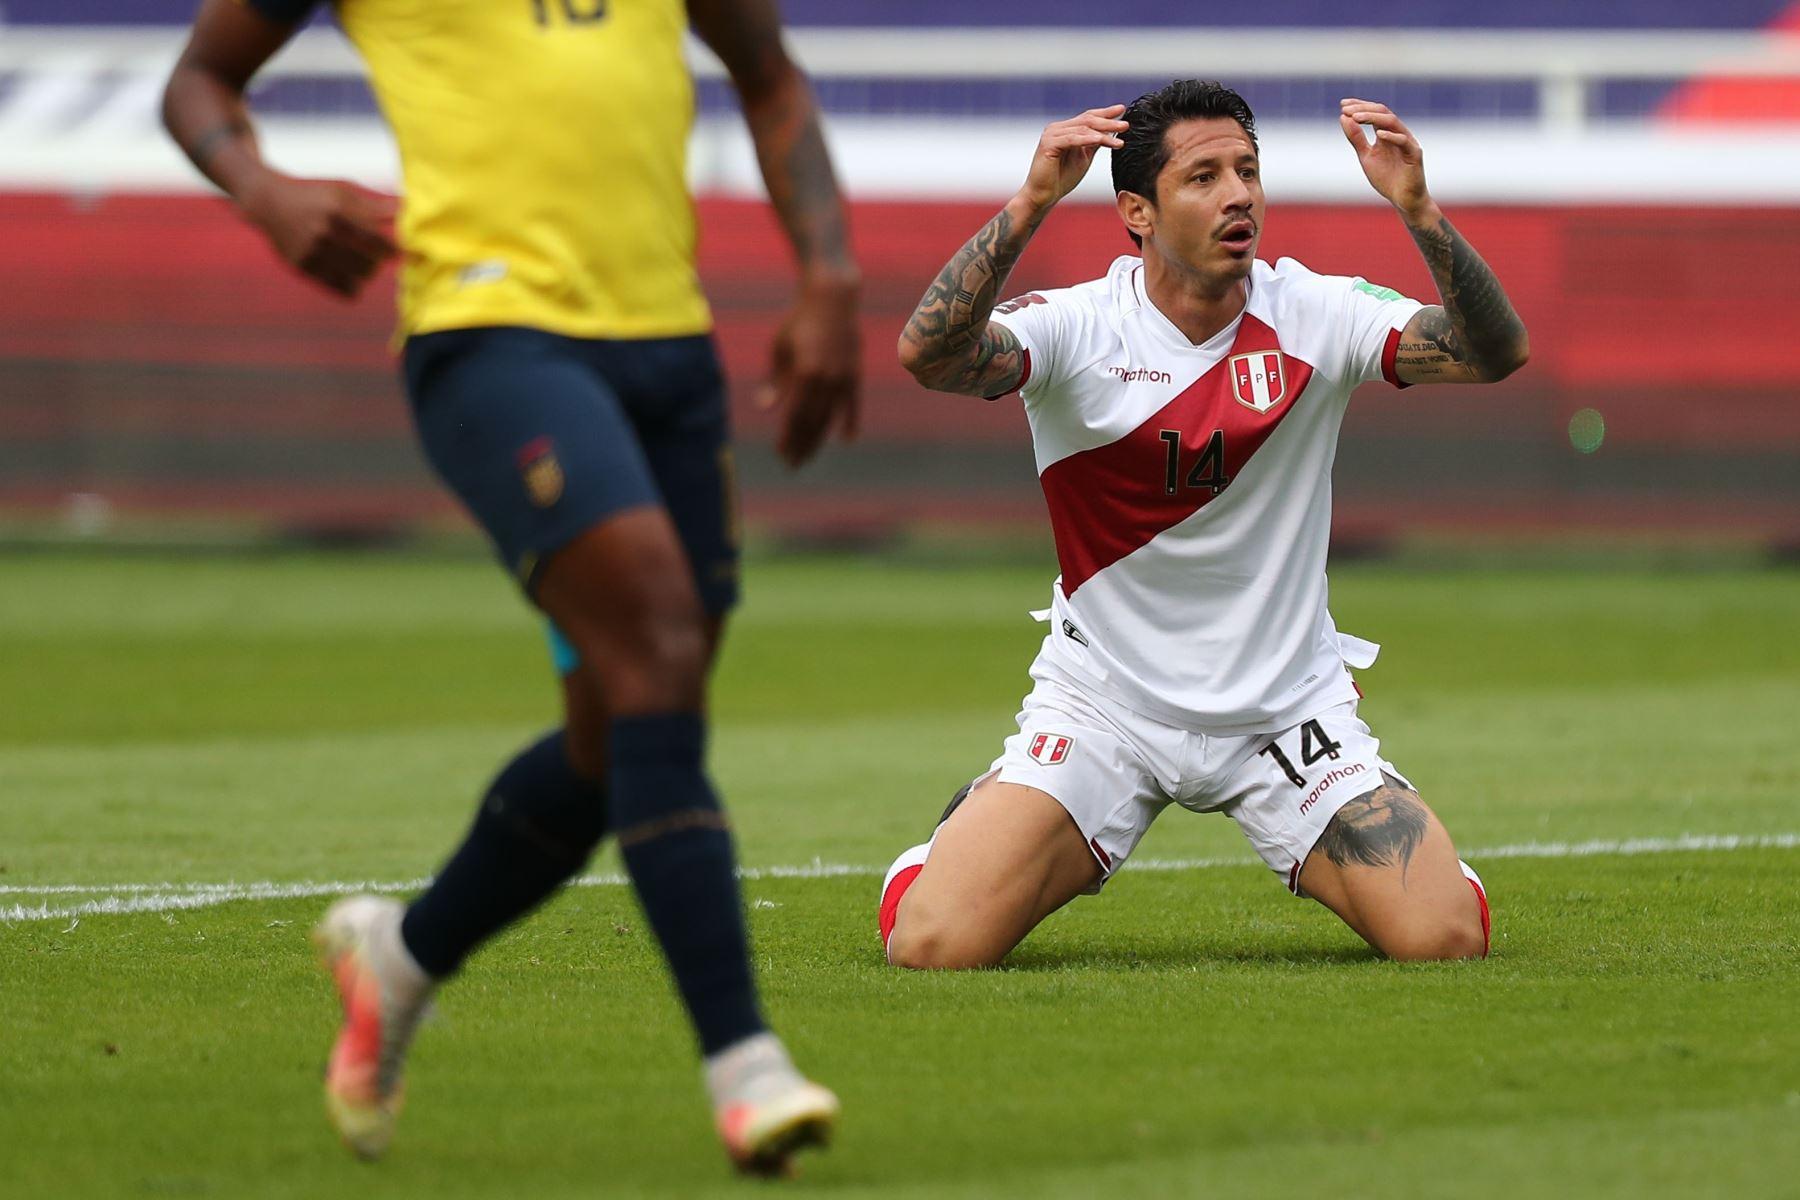 El jugador Gianluca Lapadula de Perú lamenta hoy una jugada contra Ecuador, durante un partido por las eliminatorias sudamericanas al Mundial de Catar 2022, en el estadio Rodrigo Paz Delgado en Quito. Foto: EFE